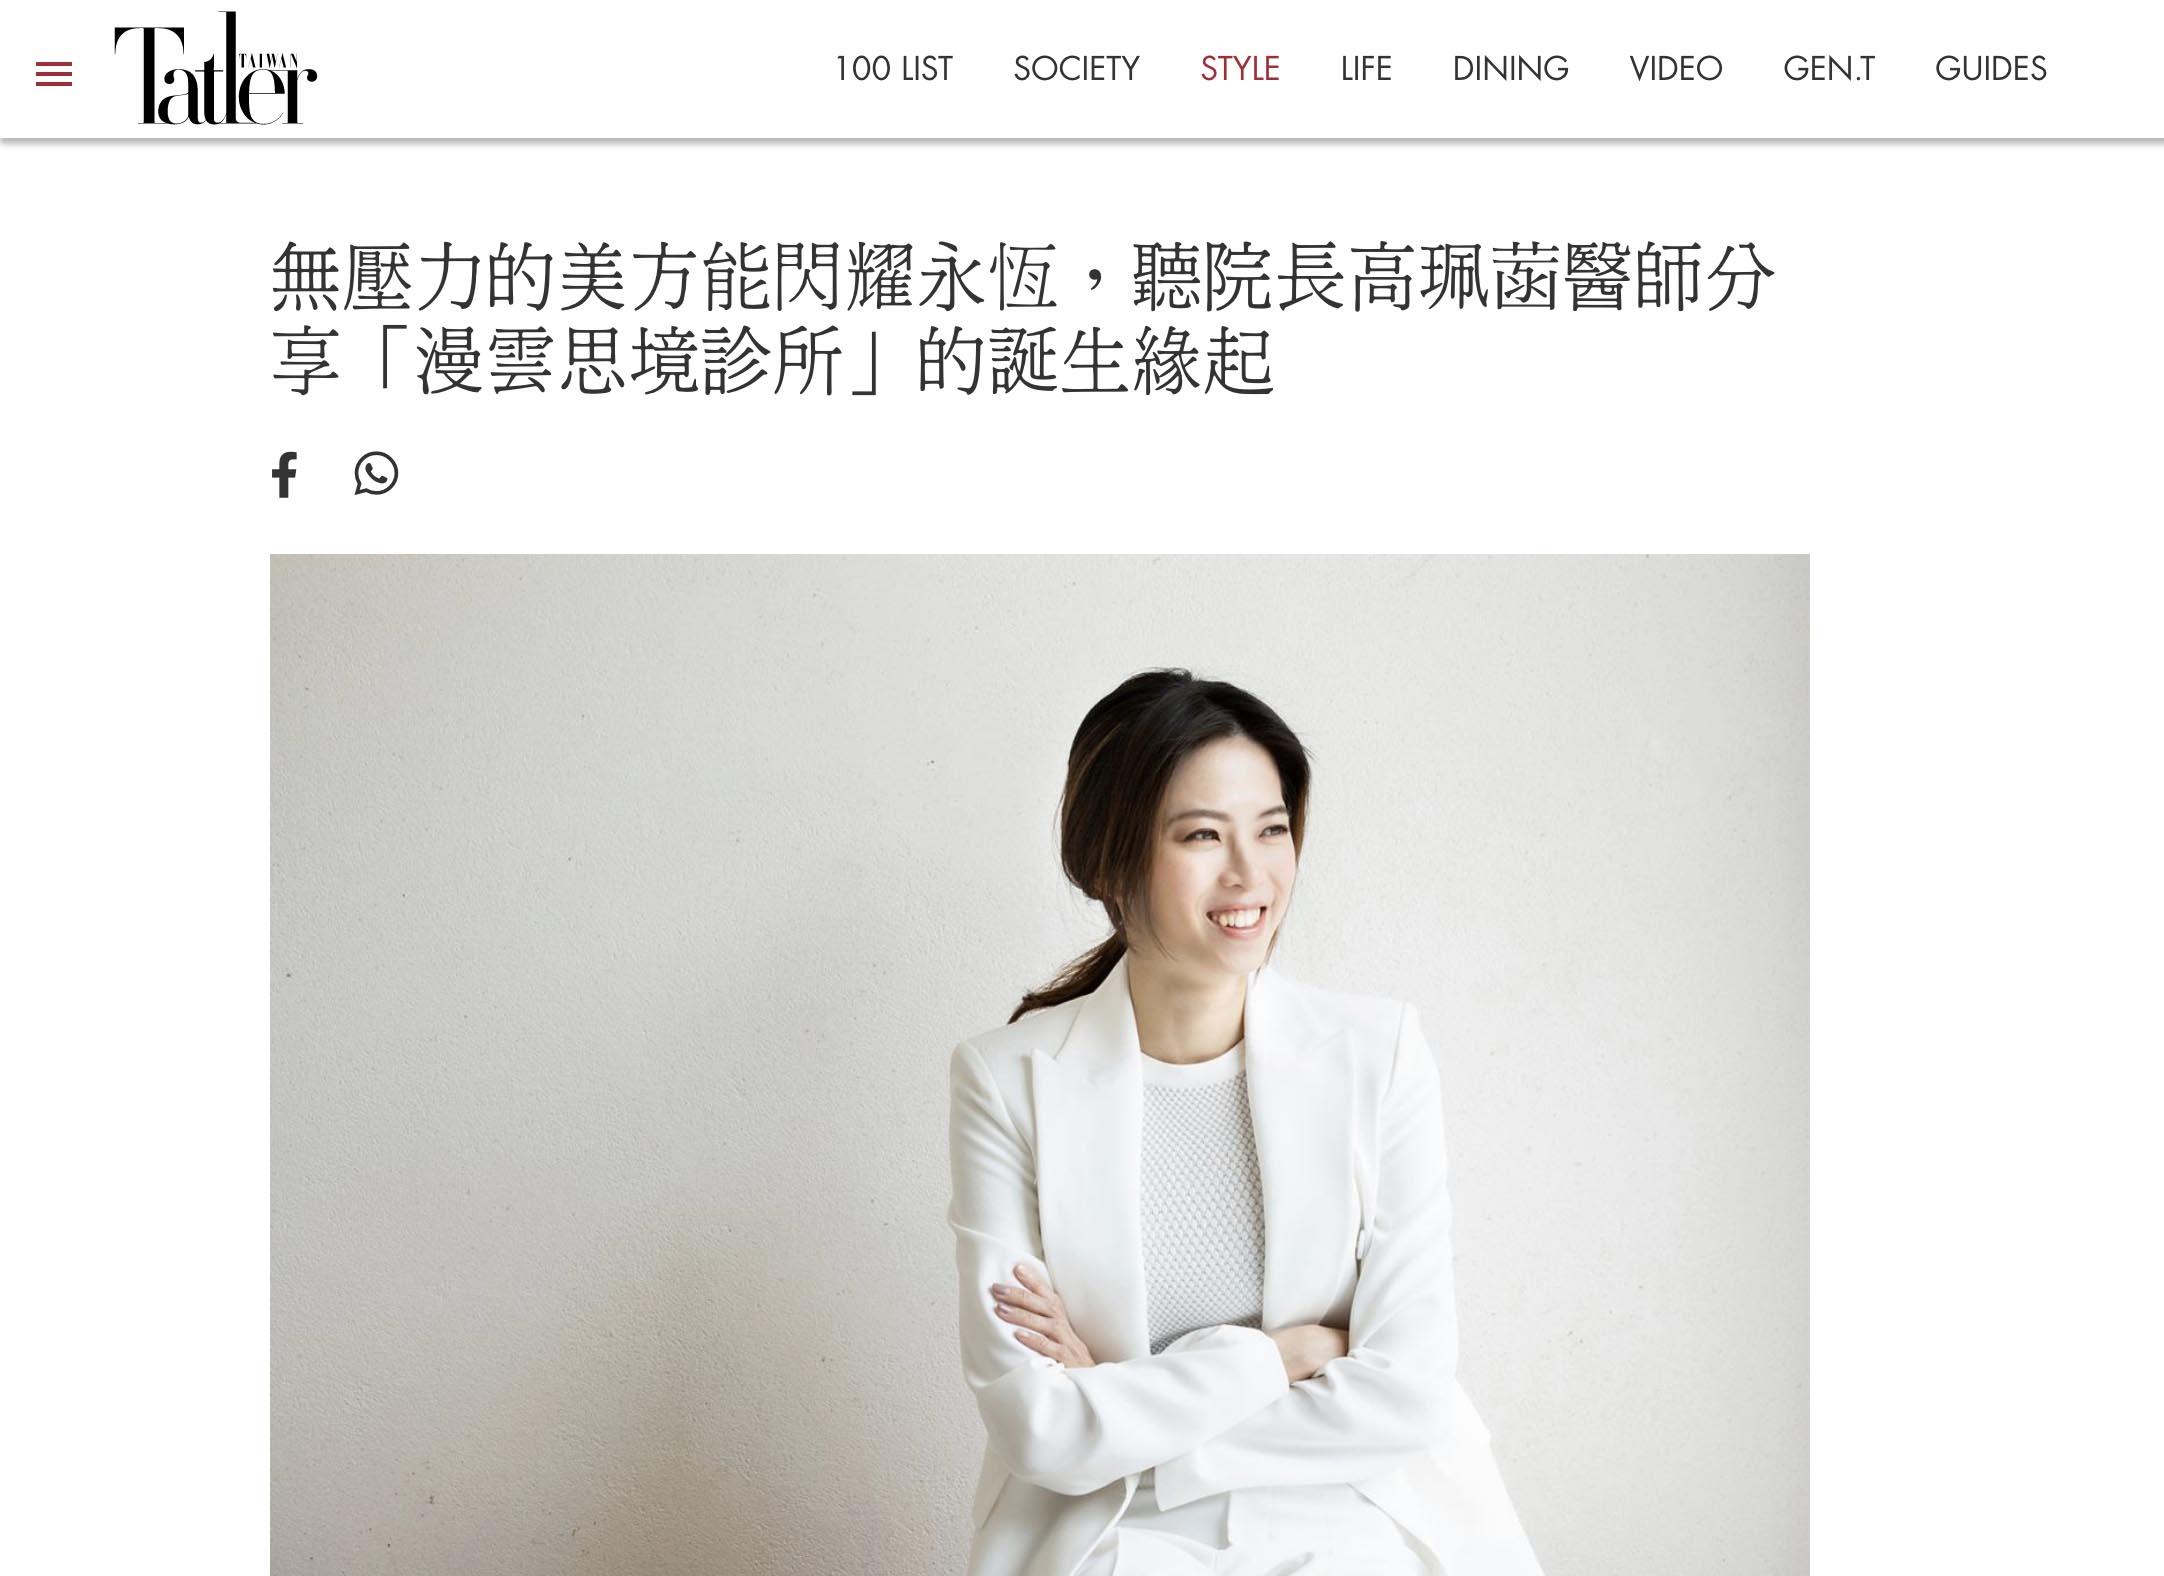 漫雲思境-Tatler-高珮涵